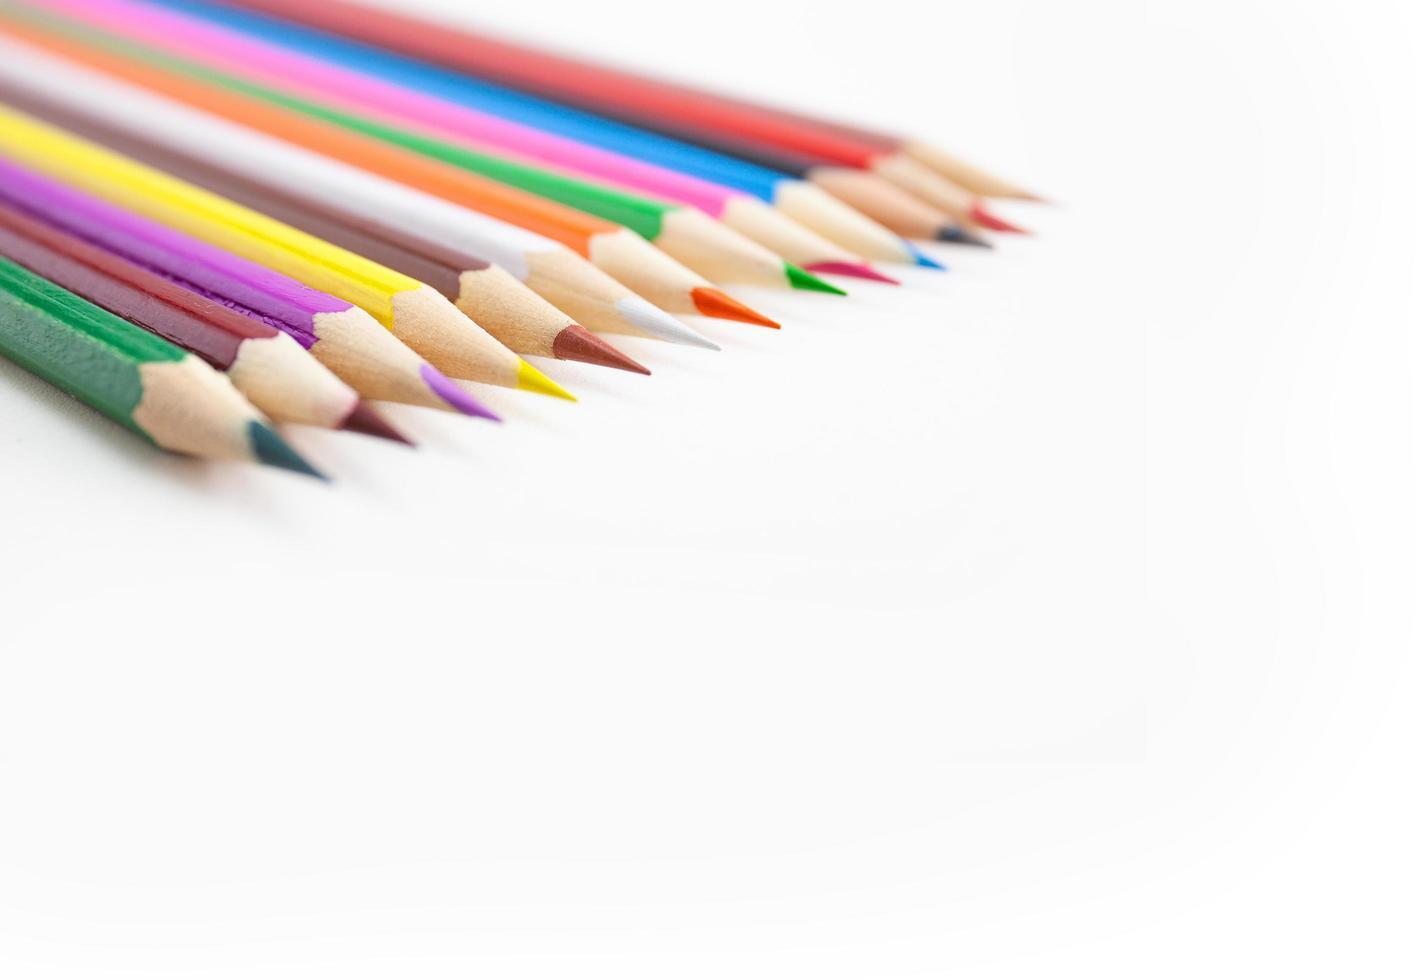 mise au point sélective sur les pointes des crayons de couleur sur fond blanc. photo